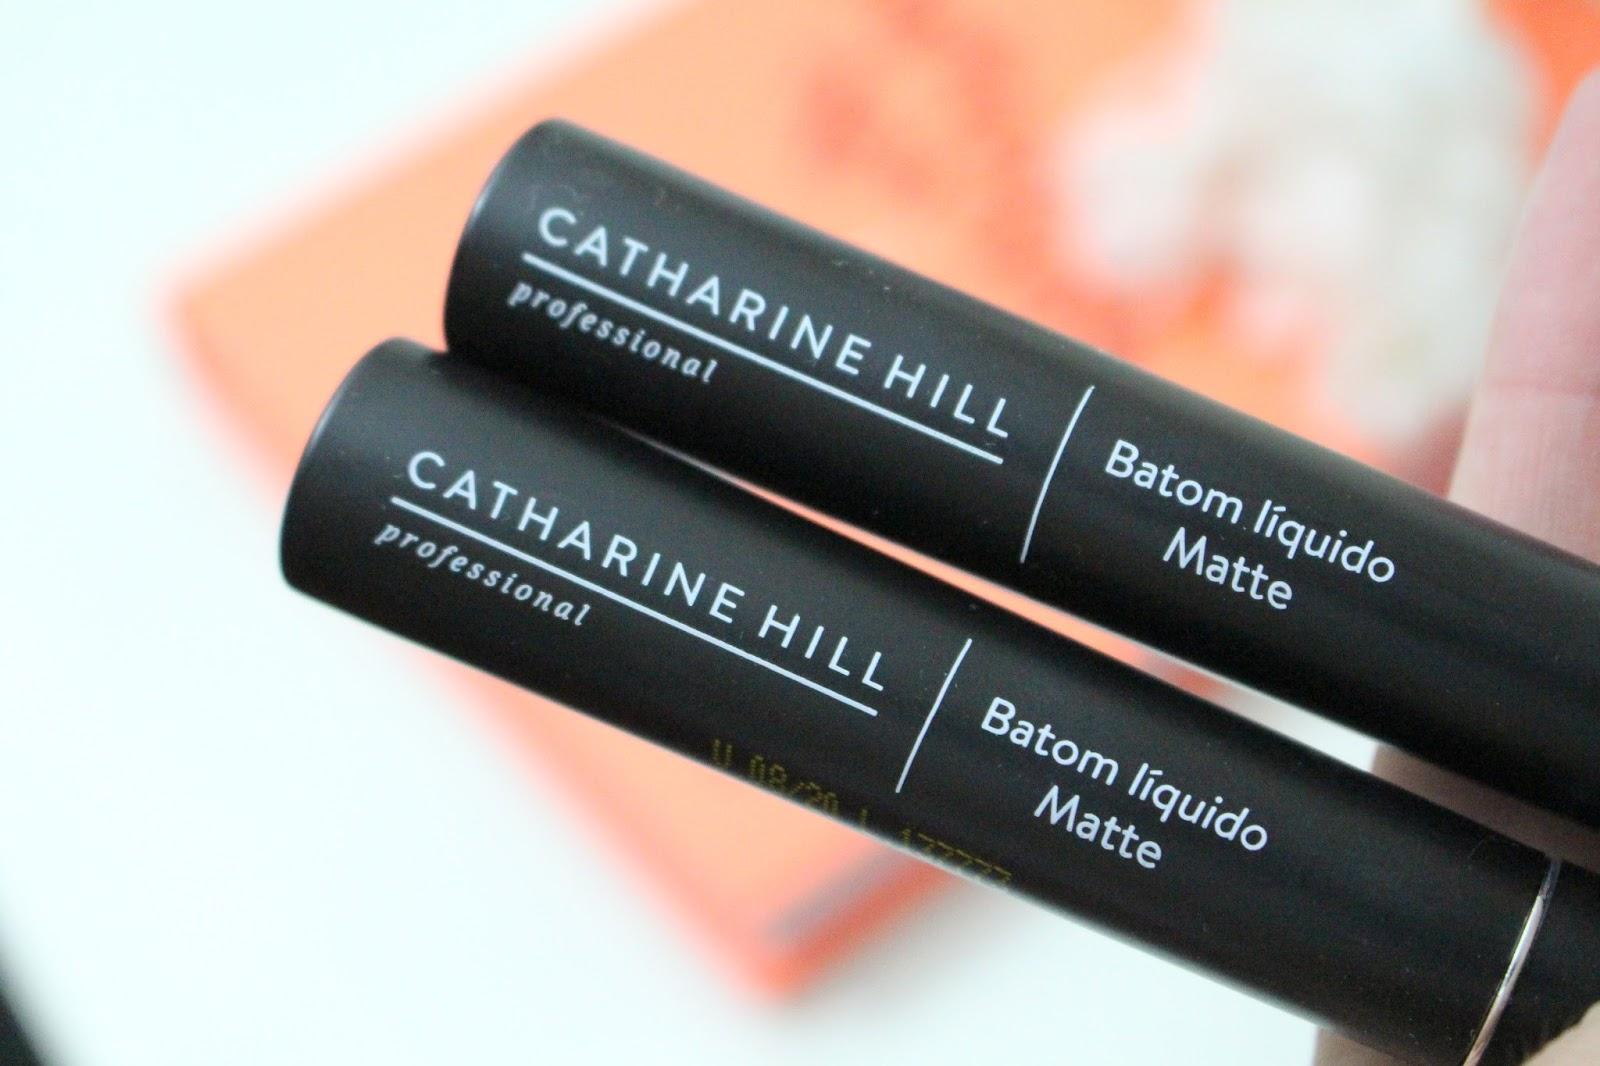 catharine hill batom líquido ana do dia resenha